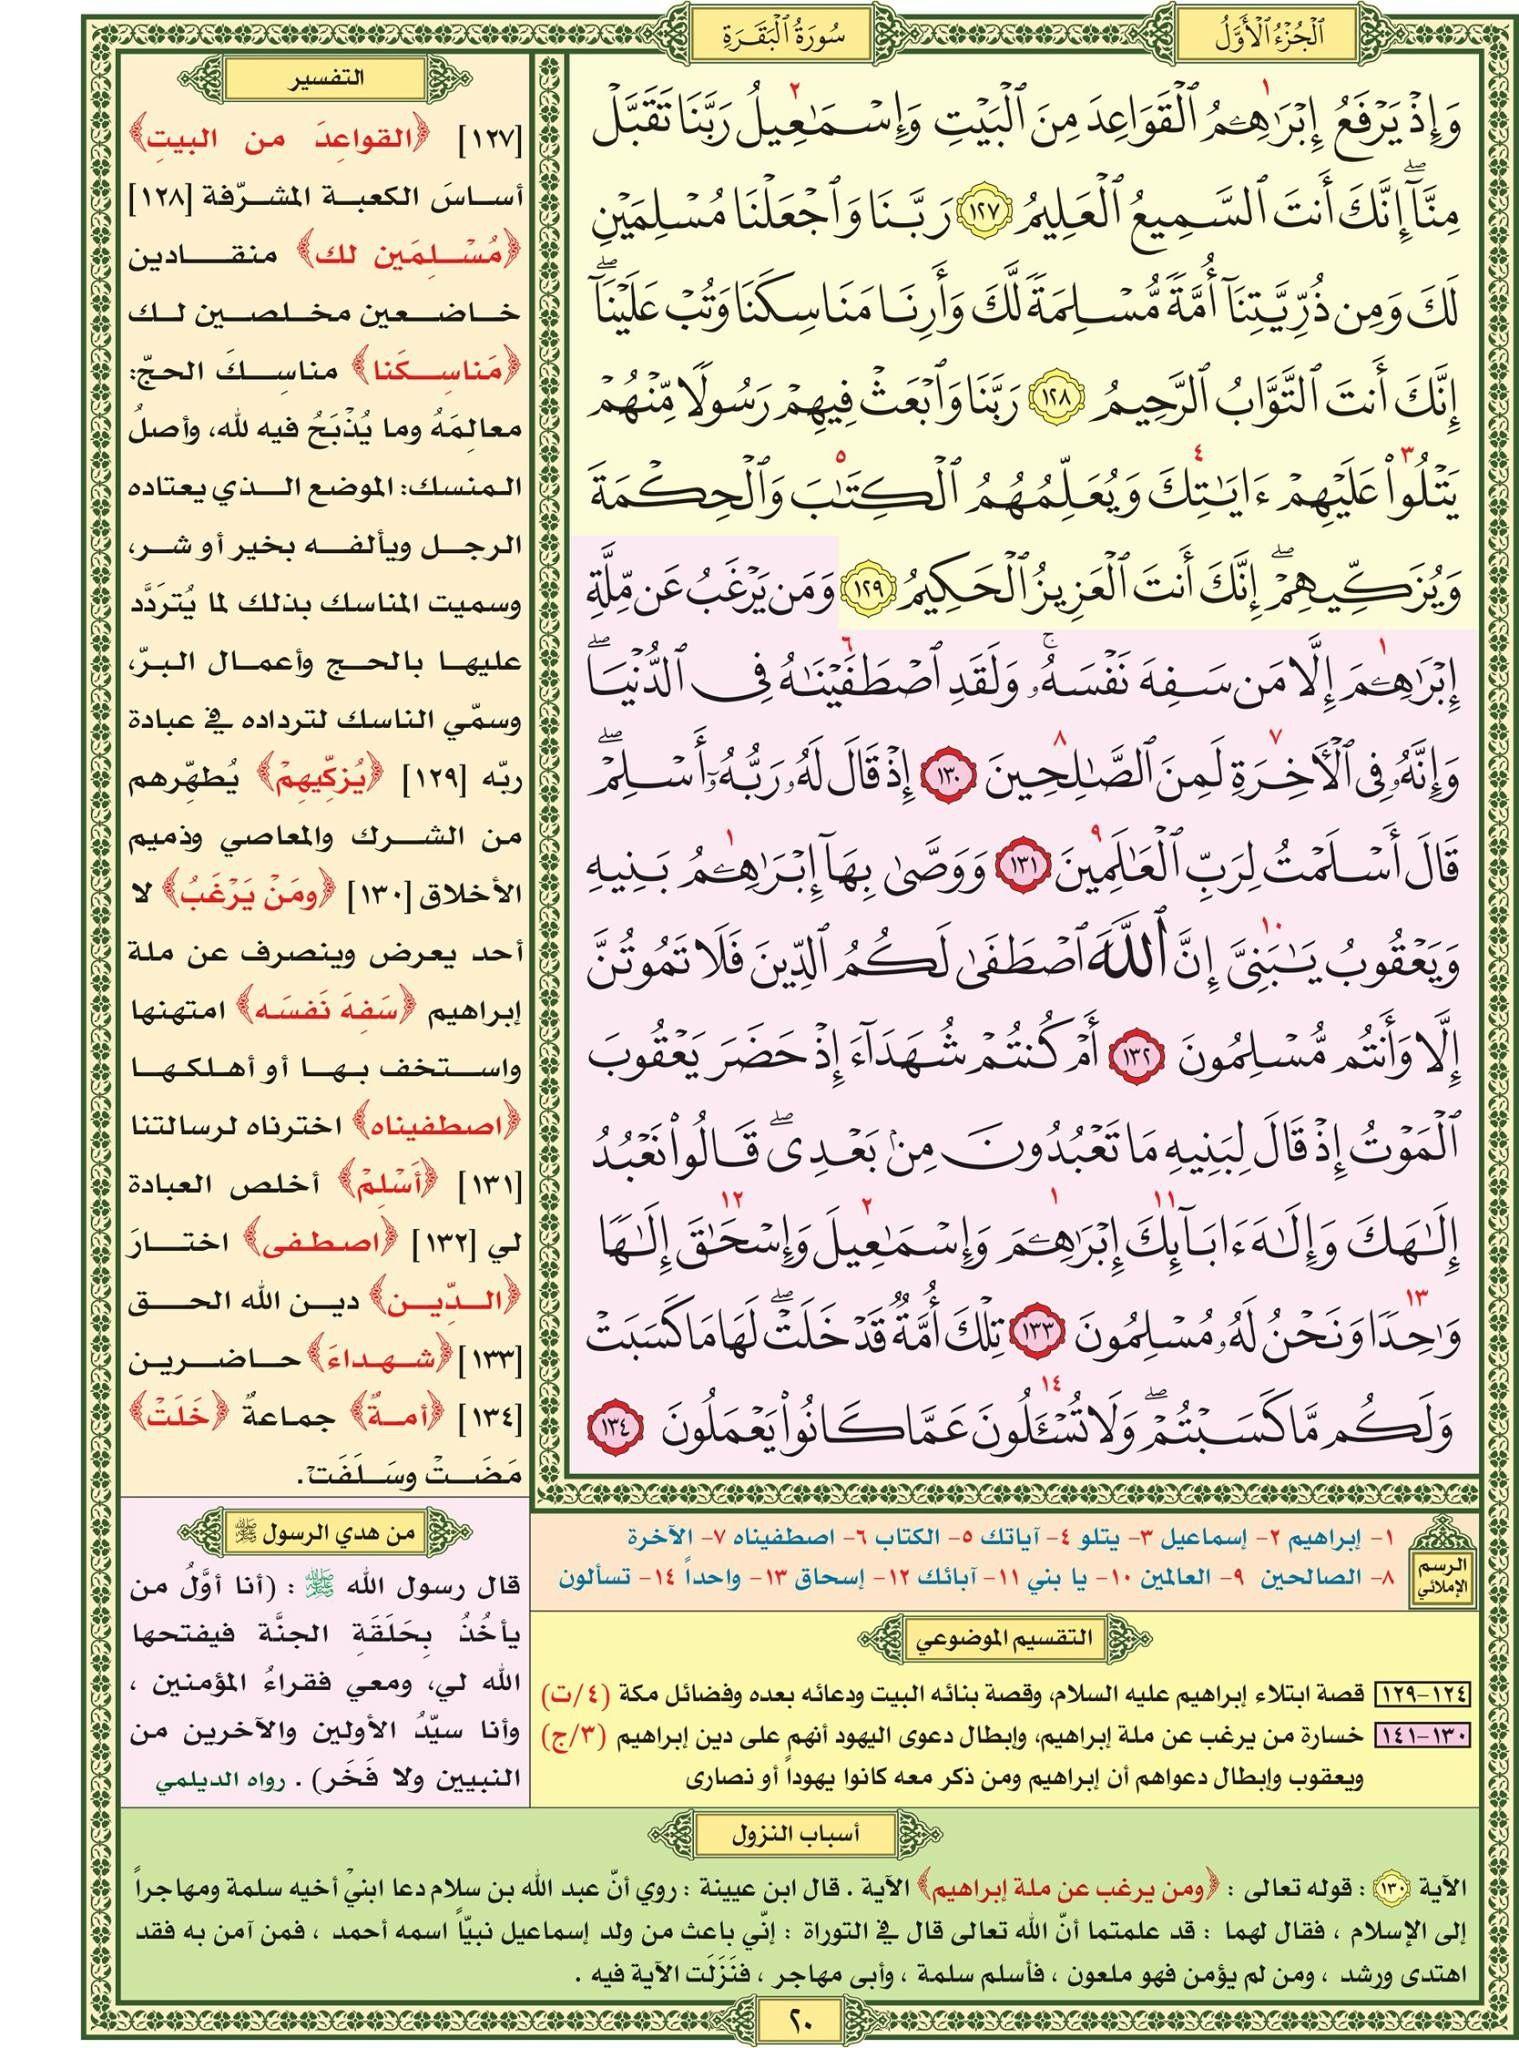 سورة البقرة صفحة رقم ٢٠ مصحف التقسيم الموضوعي للحافظ المتقن Quran Verses Bullet Journal Verses